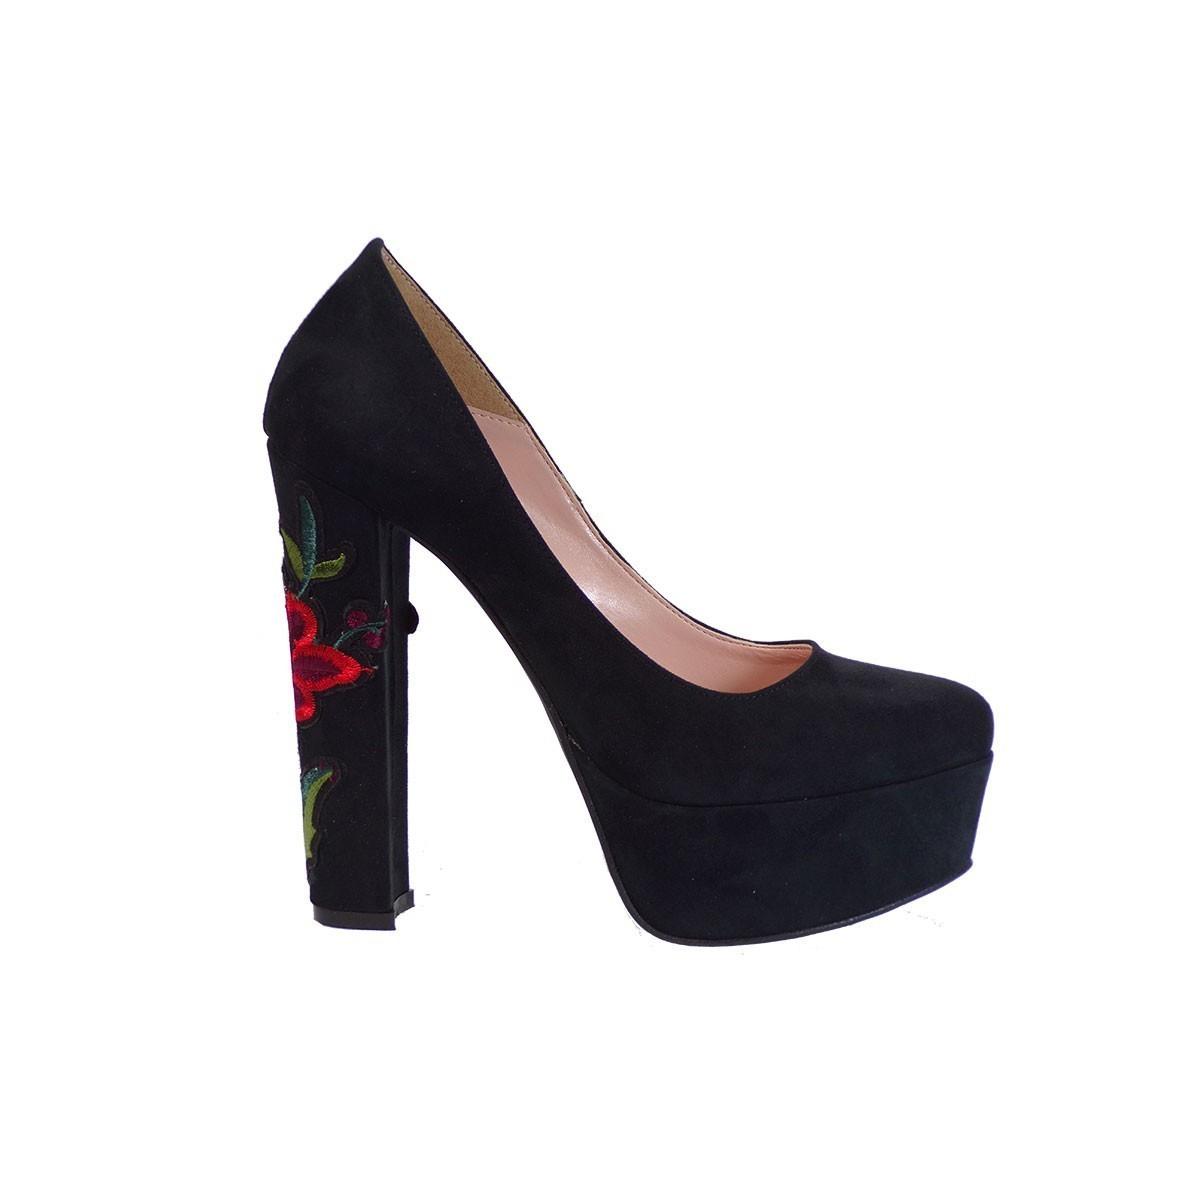 Alessandra Paggioti Γυναικεία Παπούτσια Γόβες 78001 Λουλούδι Μαύρο Καστόρι